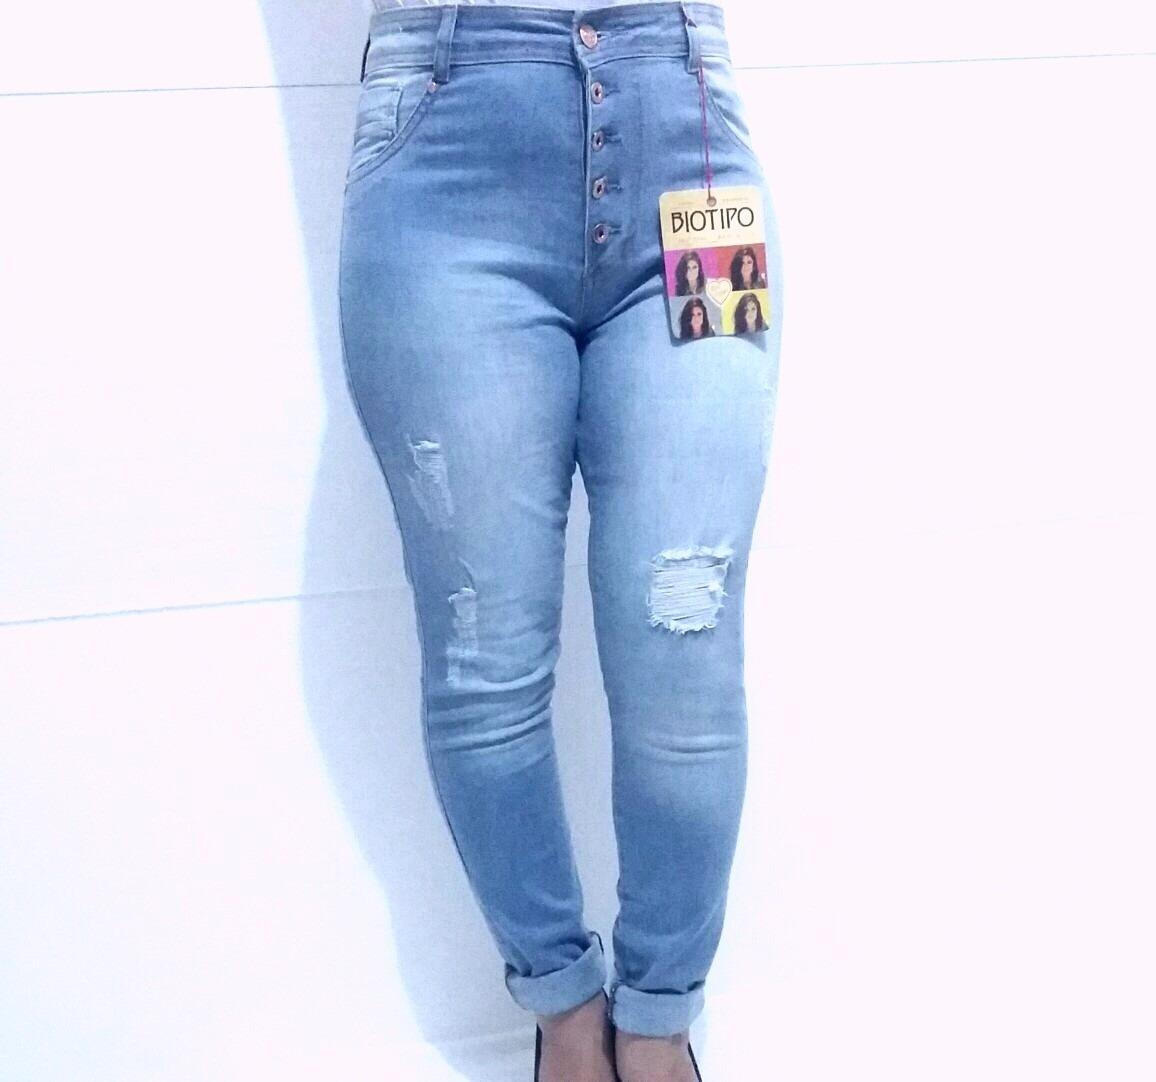 1f9ebb56e calça jeans skinny cintura alta feminina biotipo da moda. Carregando zoom.